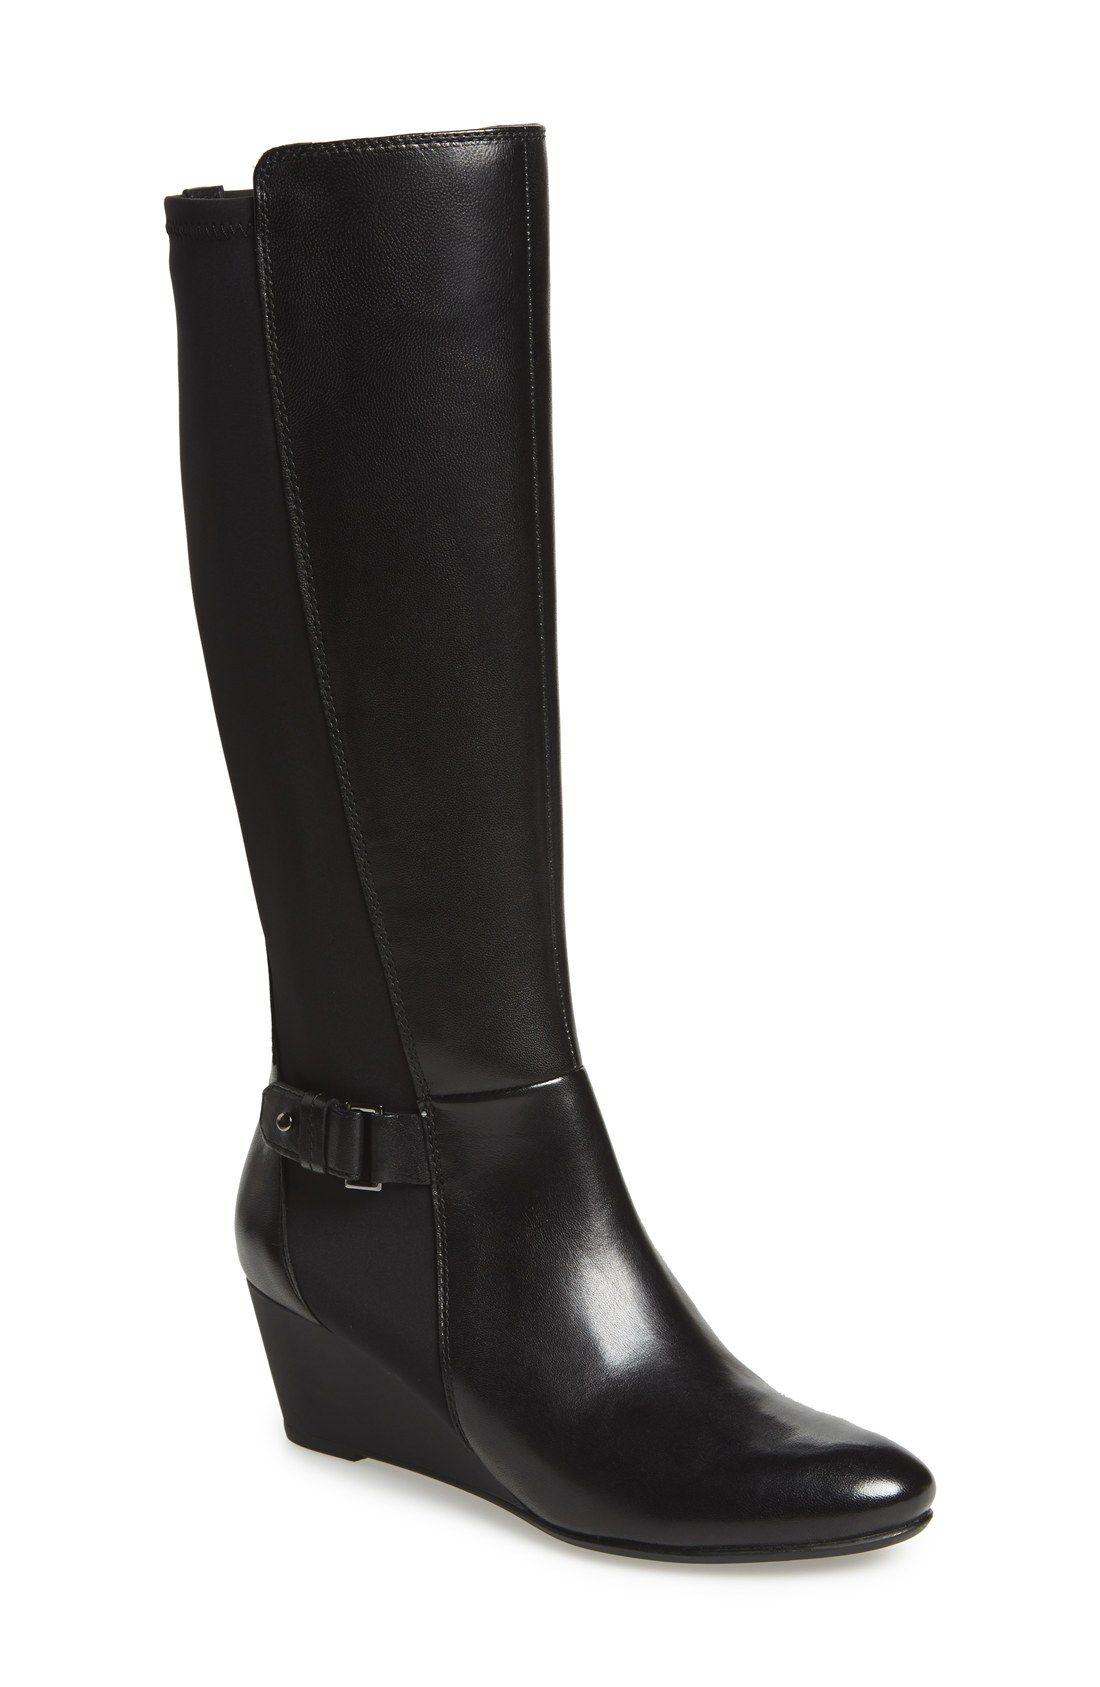 7ea38bc89af2 246€- Geox  Venere  Tall Wedge Boot (Women)